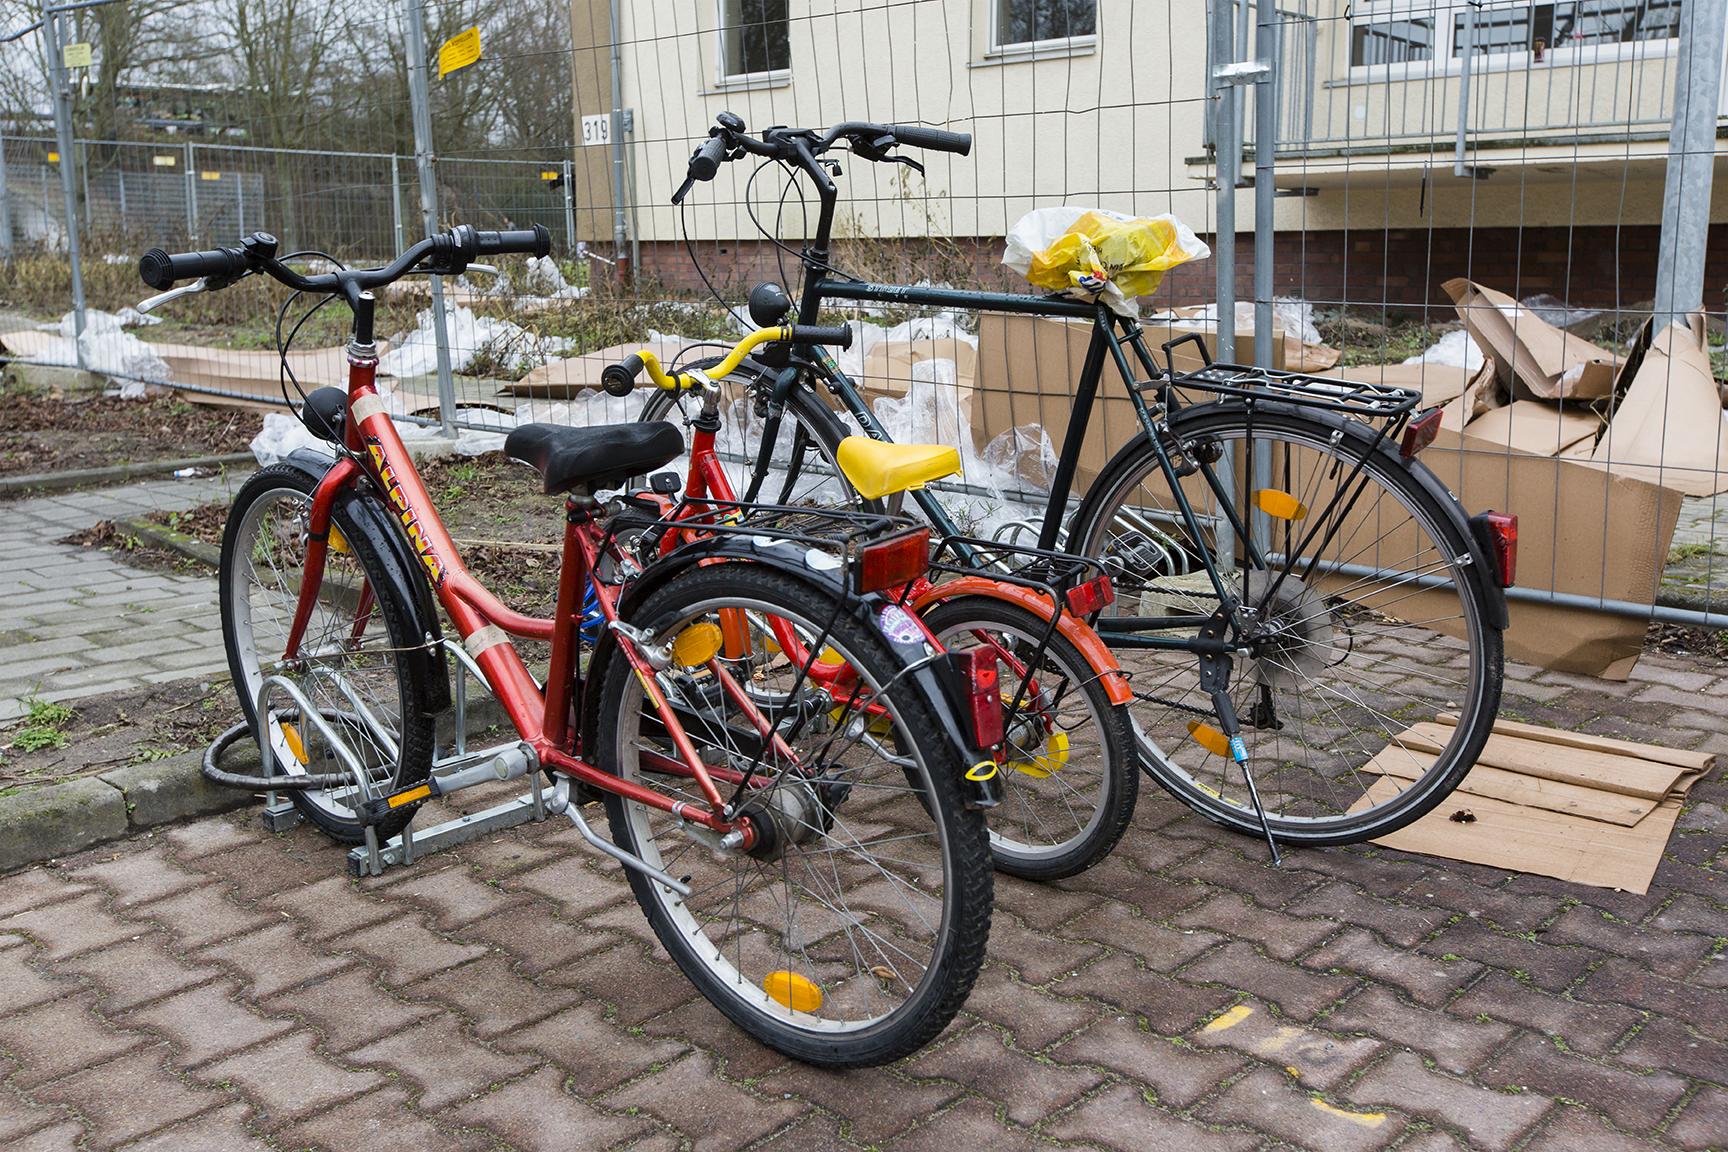 Fahrräder sind sehr begehrt